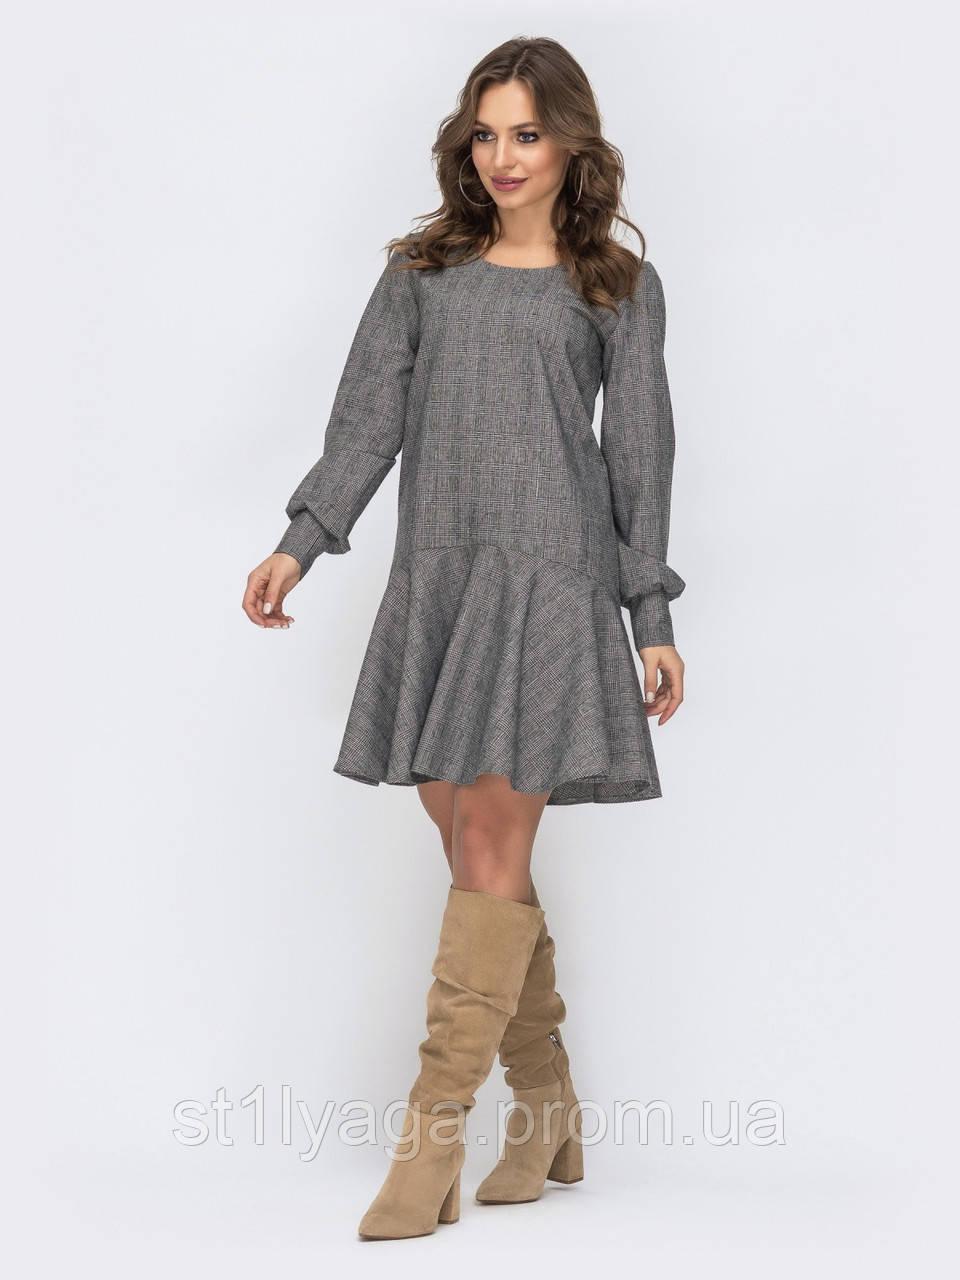 Повседневное платье из шерстяной ткани с длинным рукавом и широким воланом понизу серый